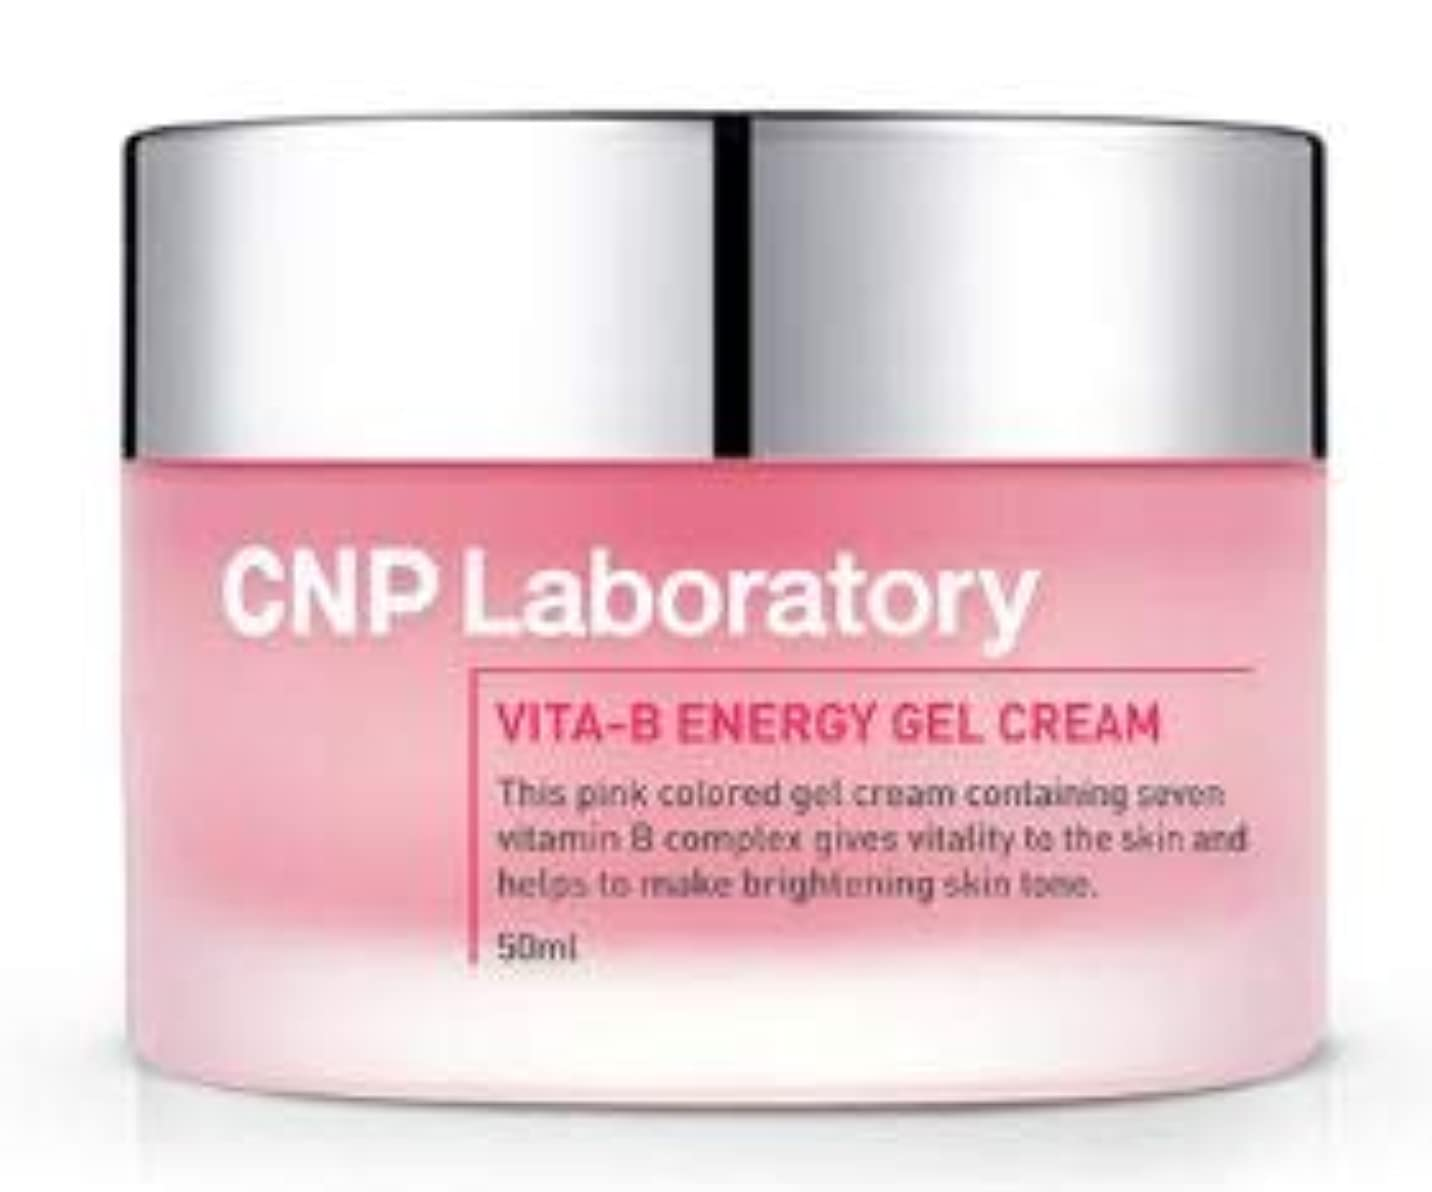 コンパニオンストライク自分の力ですべてをする[CHA&PARK(CNP)] Vita-B Energy Gel Cream 50ml /[チャアンドパク(CNP)] ビタ-B エネルギー ジェル クリーム 50ml [並行輸入品]